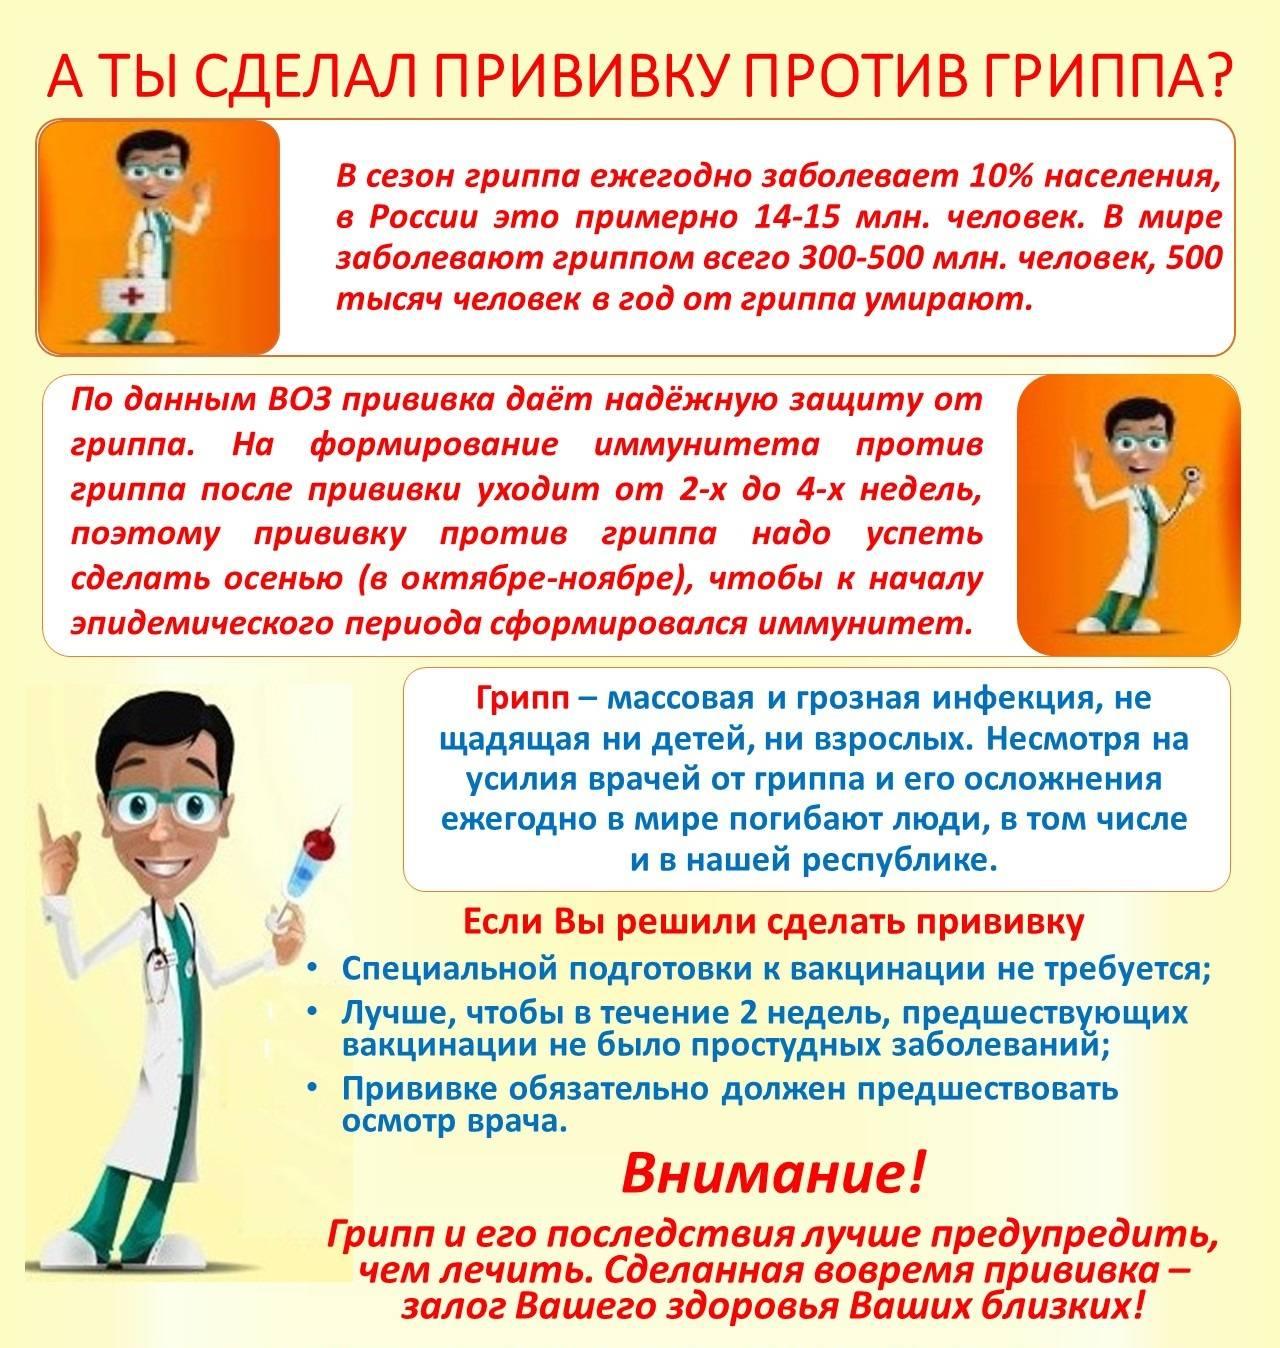 Сертификат о вакцинации от коронавируса: что это, для чего нужен, как выглядит, как получить, госуслуги